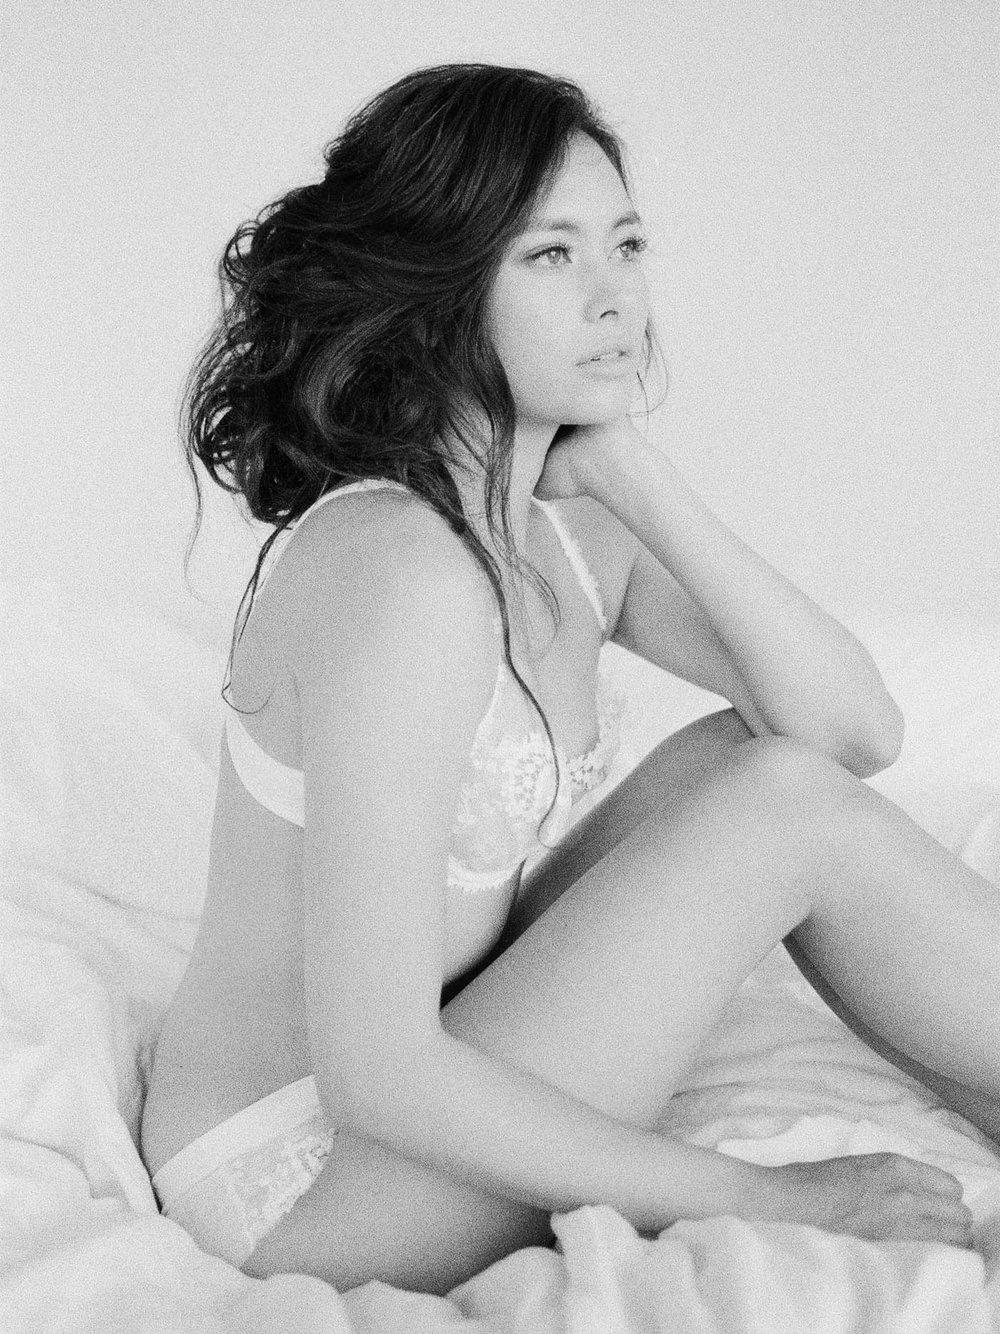 boudoir-on-film-115-Jen_Huang-Bhldn-199-Jen_Huang-000002370031.jpg